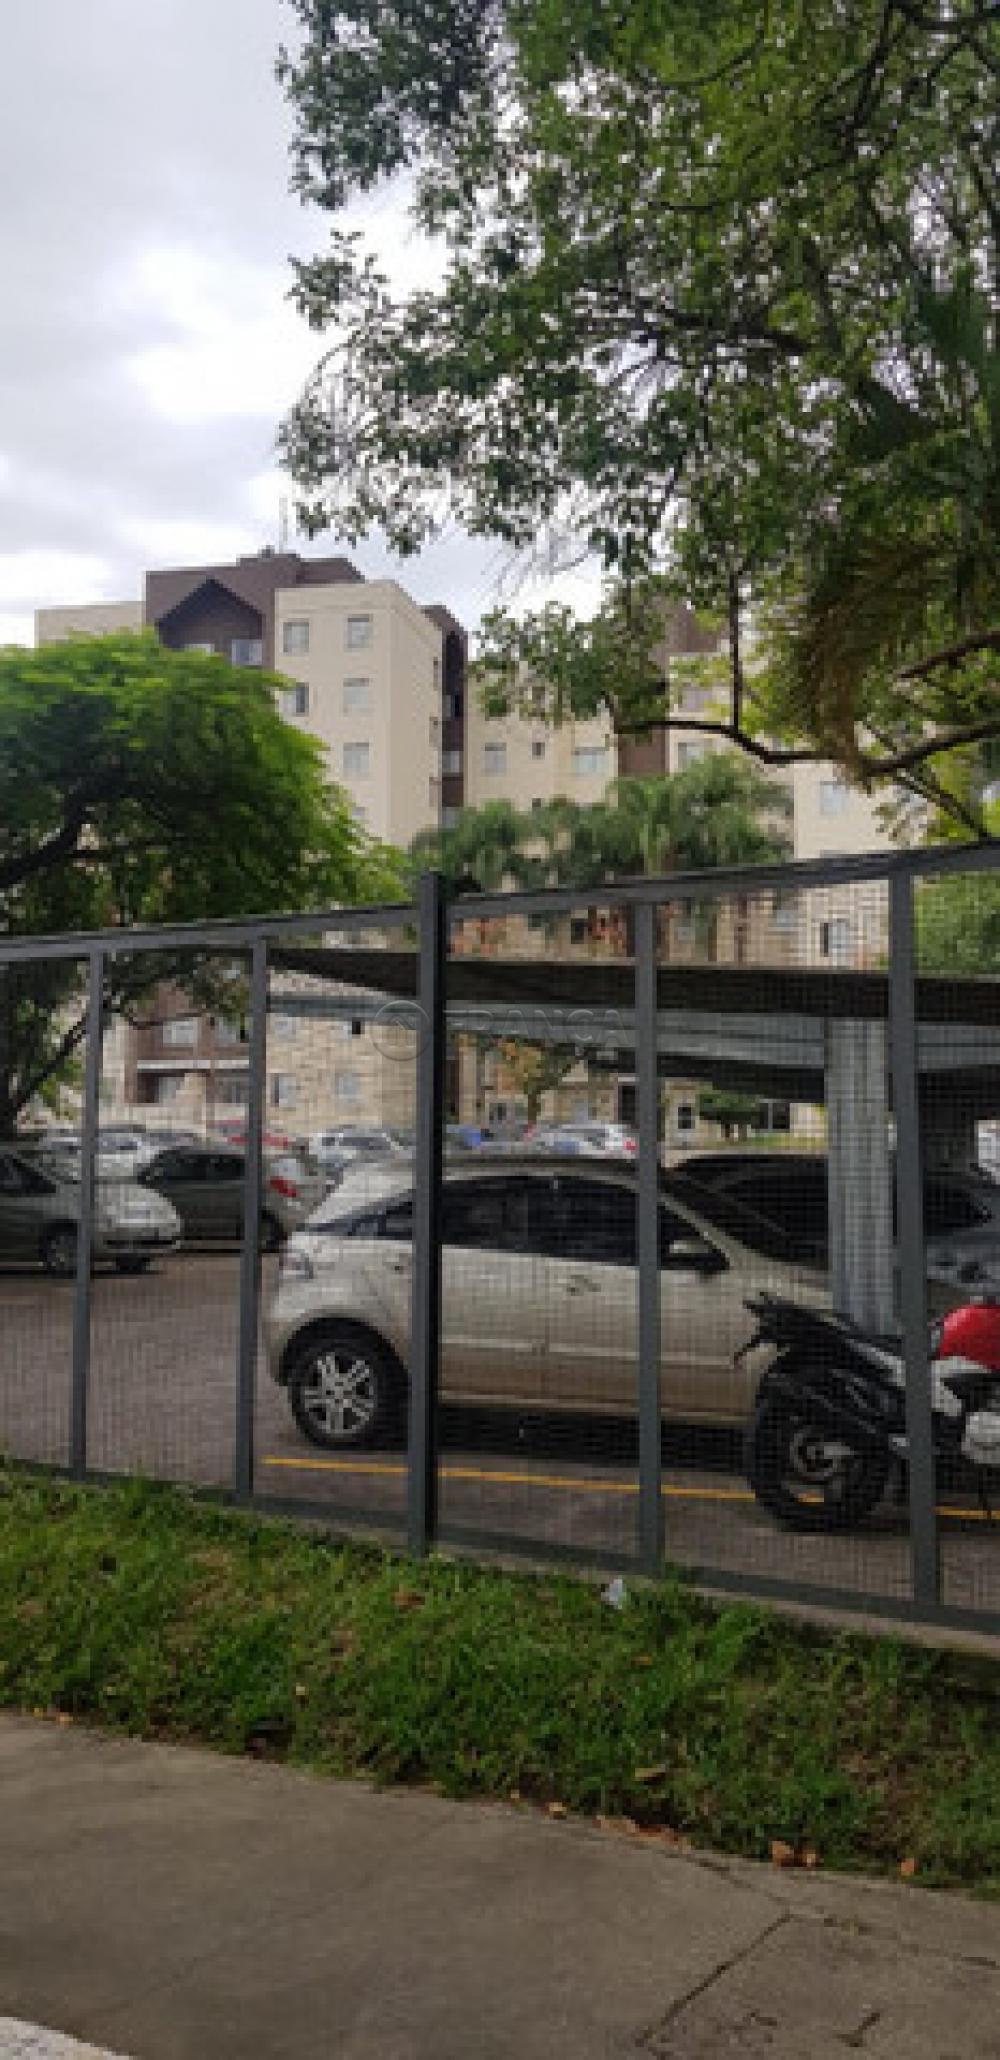 Comprar Apartamento / Padrão em São José dos Campos apenas R$ 202.000,00 - Foto 7